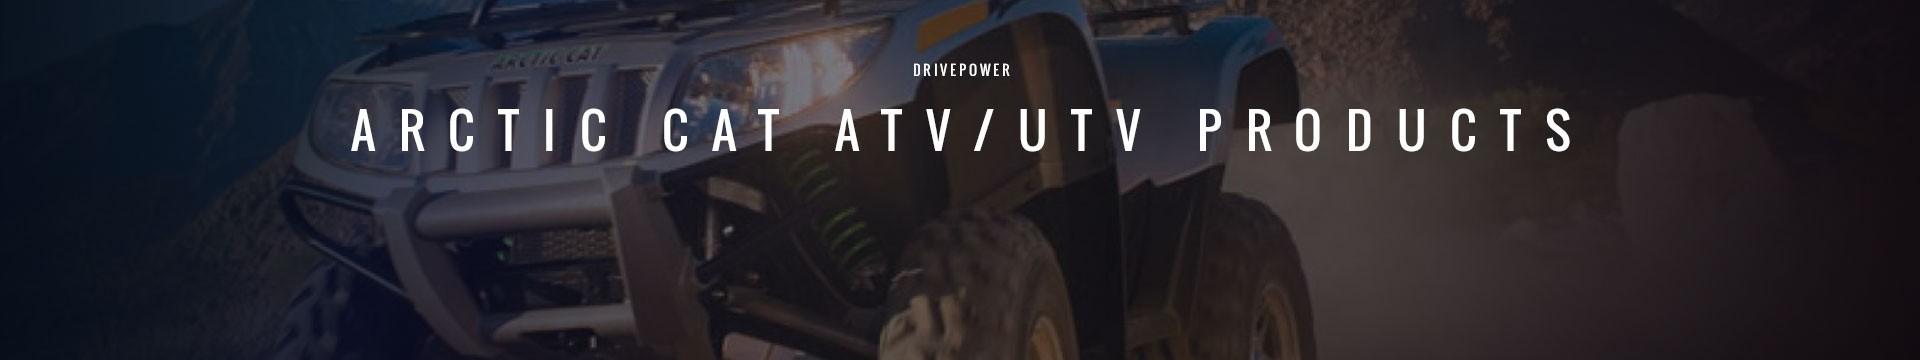 Arctic Cat ATV Products